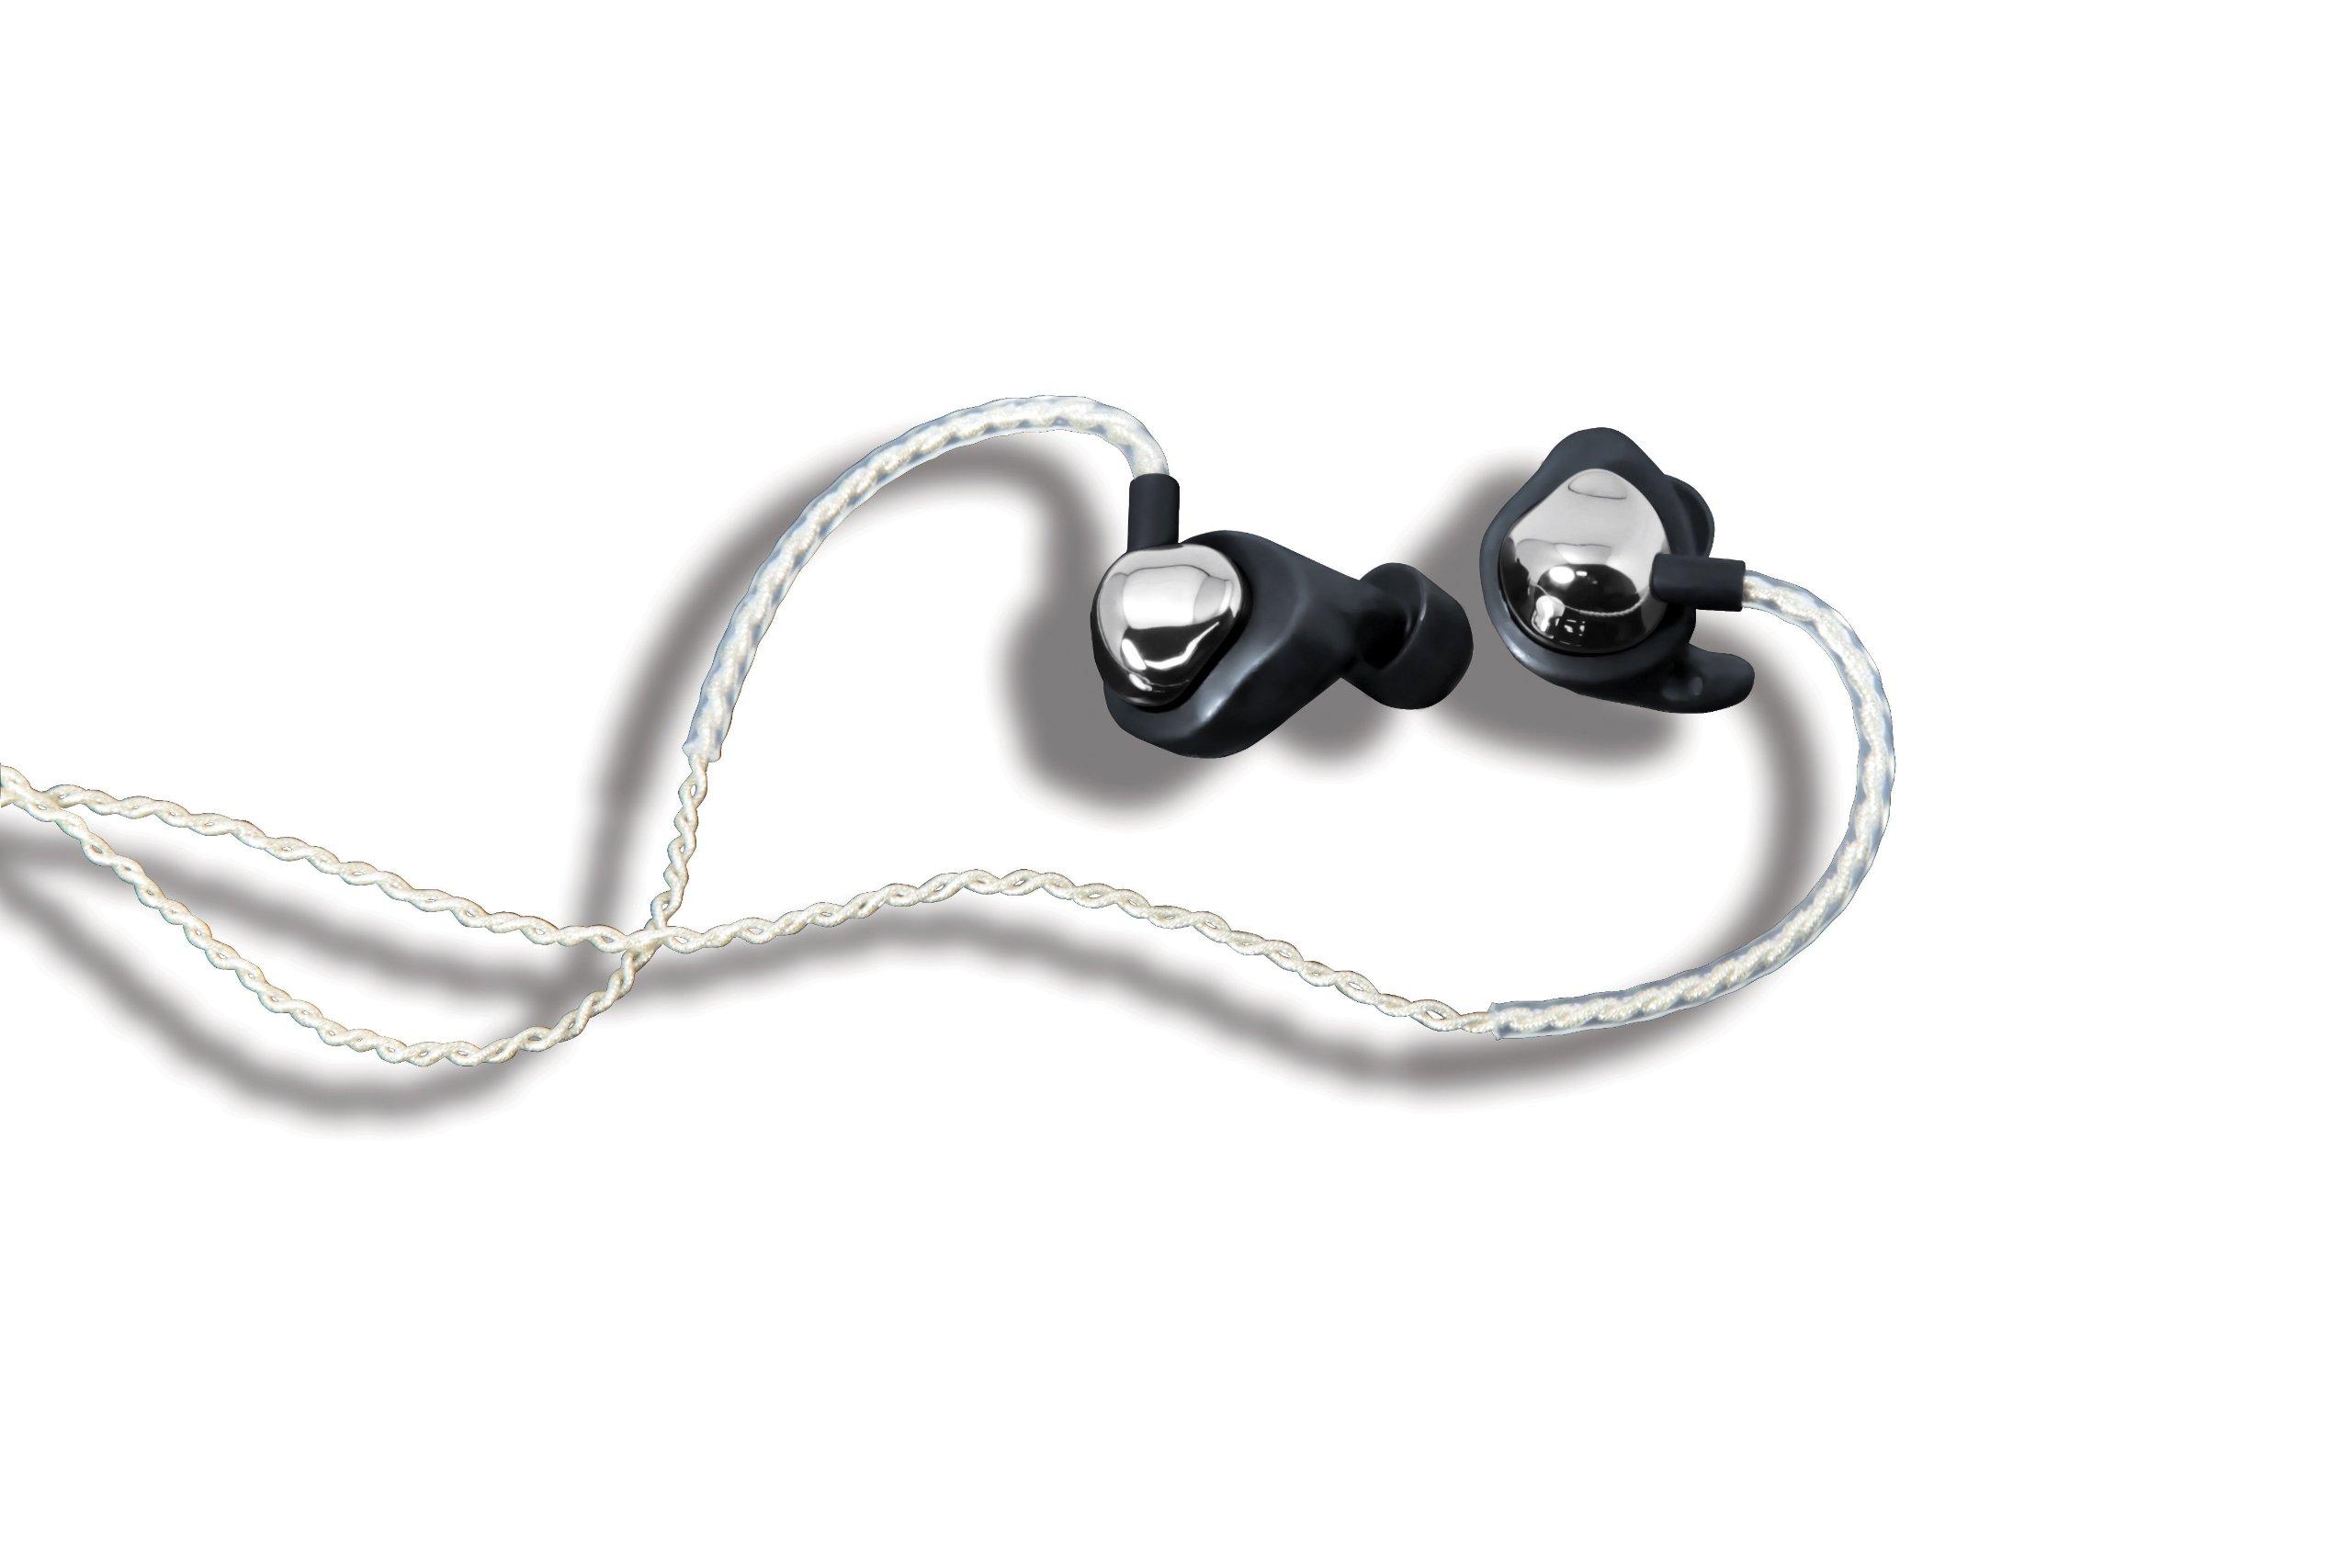 I-MEGO In-Ear Monitor Earphones, ZTONE, Silver